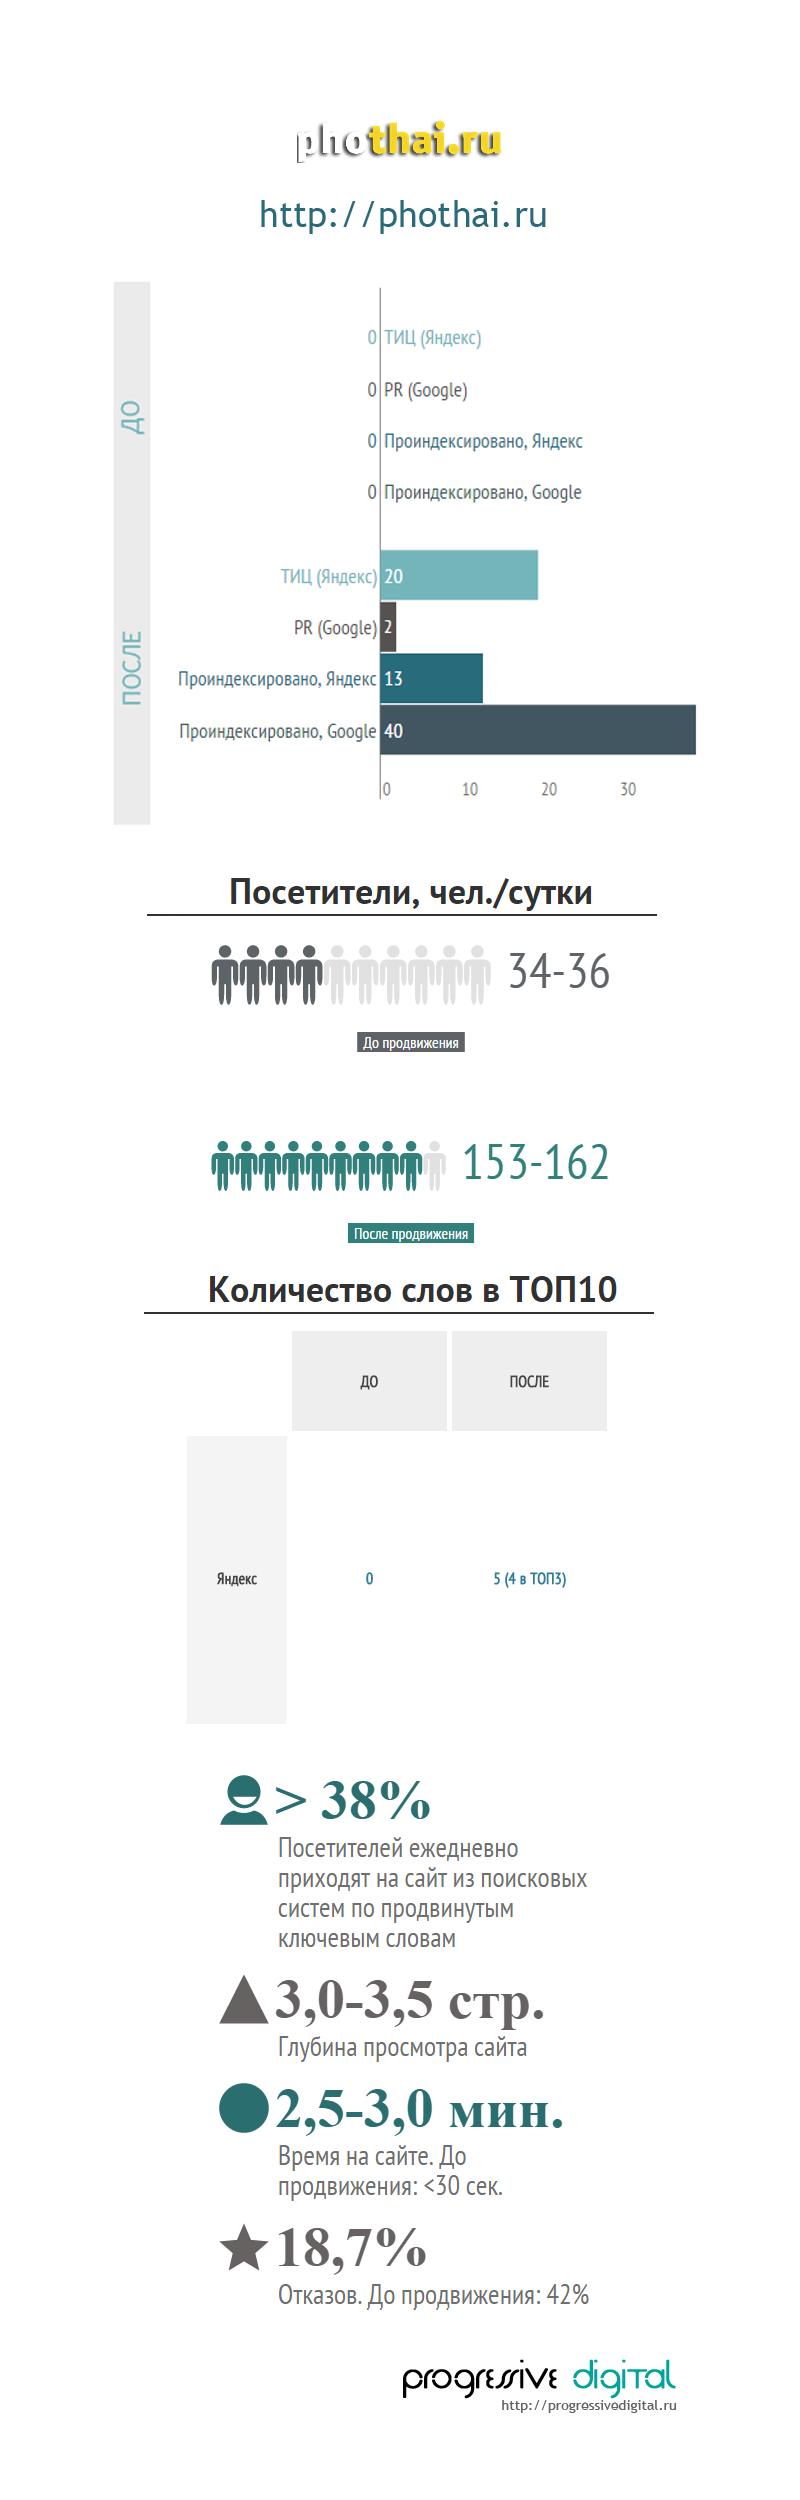 Phothai.ru (фото и видеосъемка)